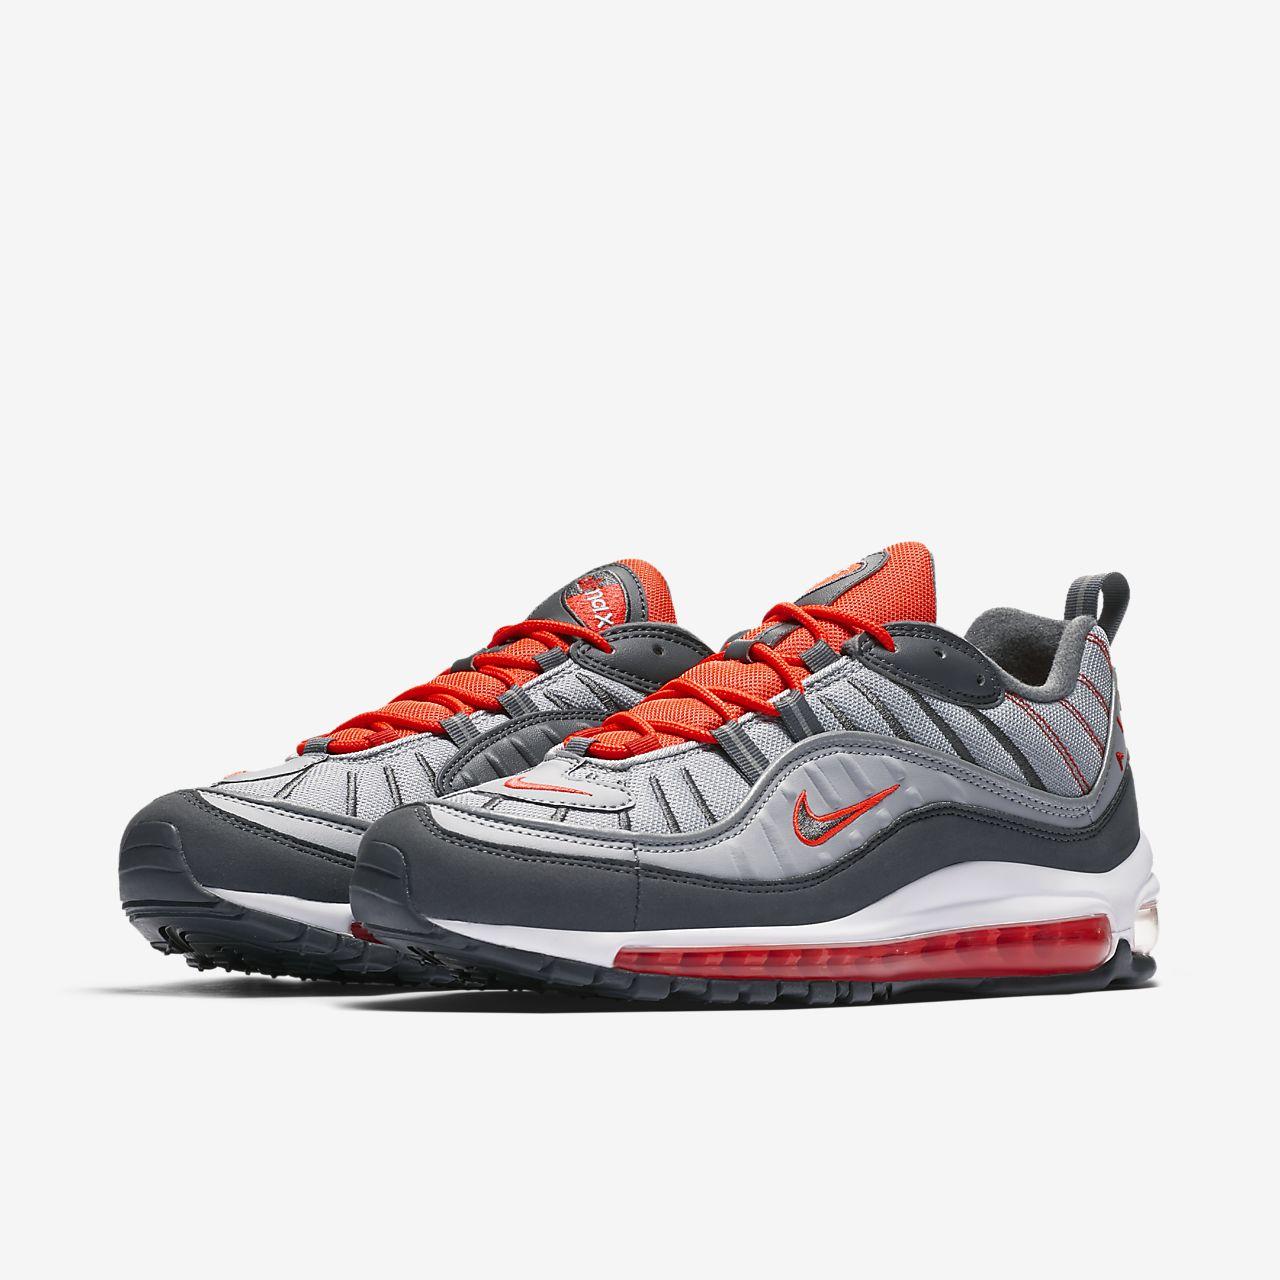 Nike Air Max 98 Infantil